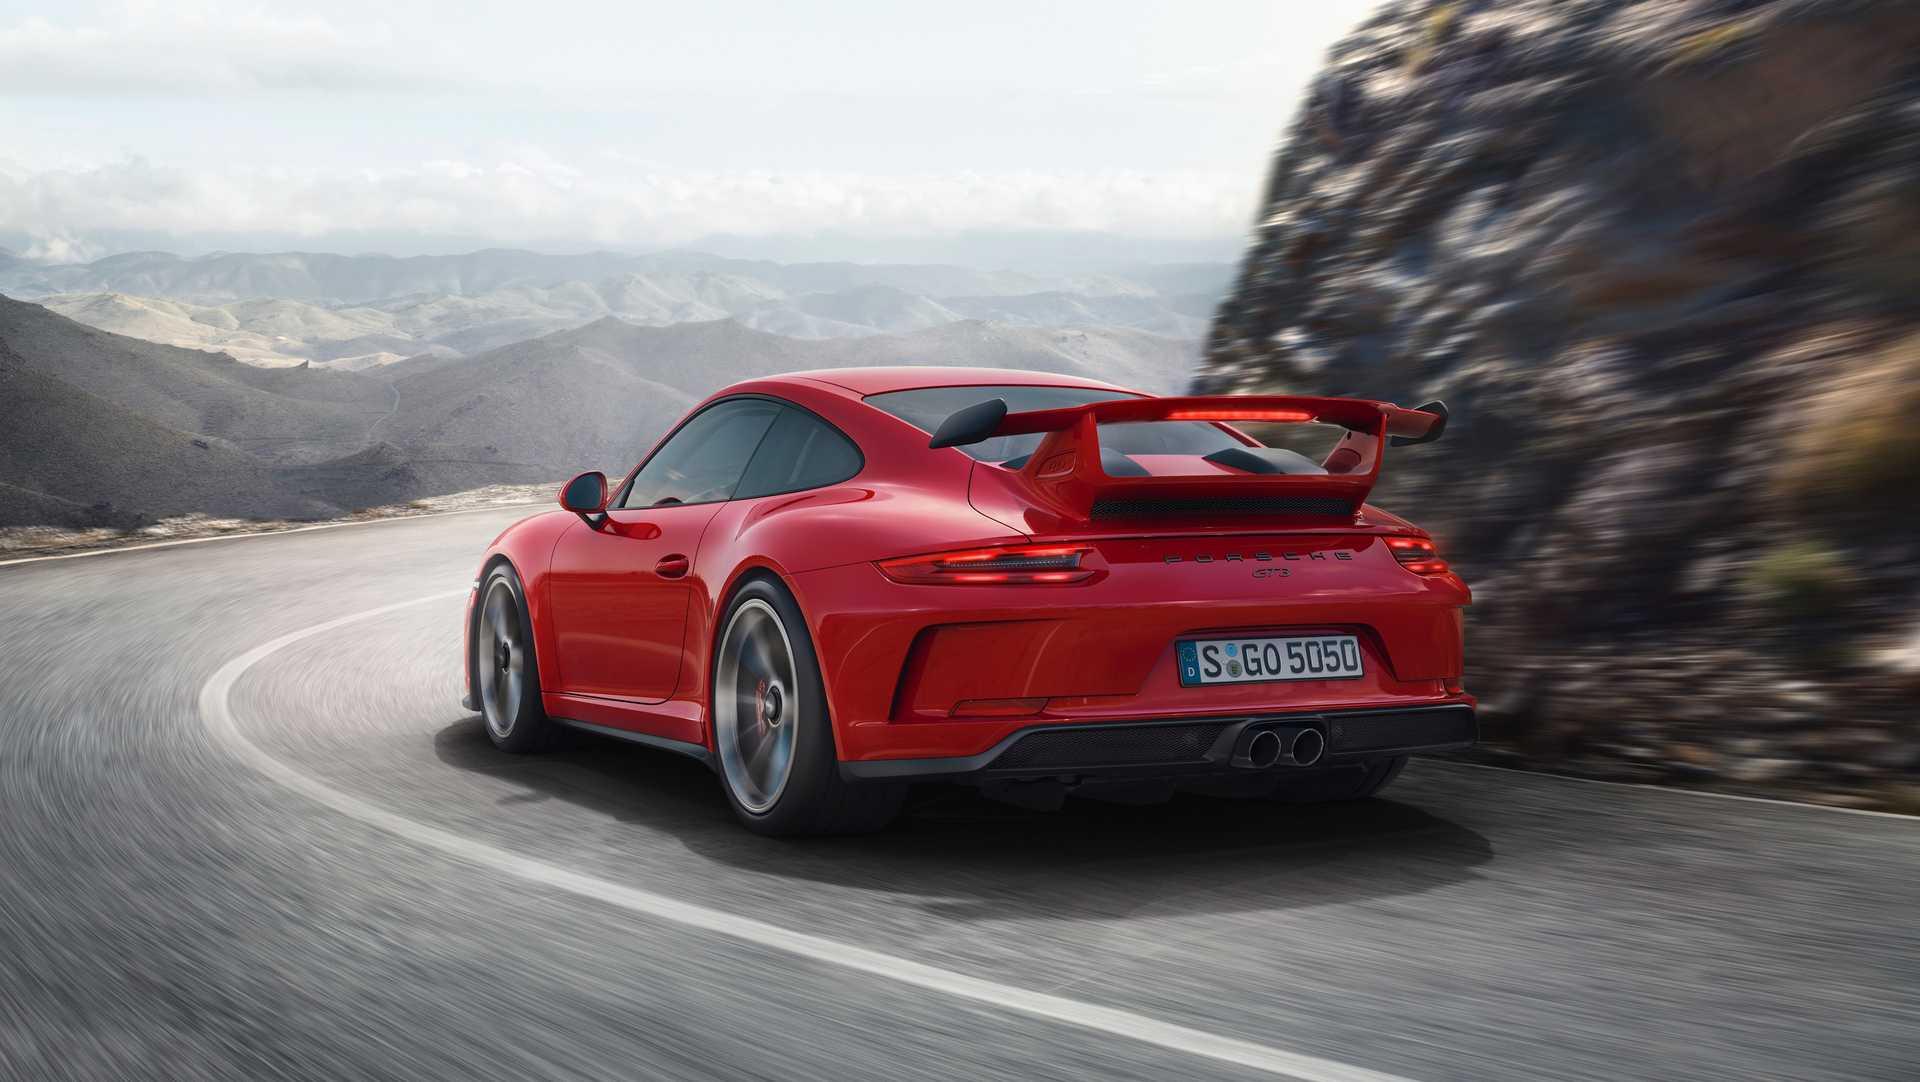 Porsche 911 gt3 rs review 2017 autocar - Porsche 911 Gt3 Rs Review 2017 Autocar 41